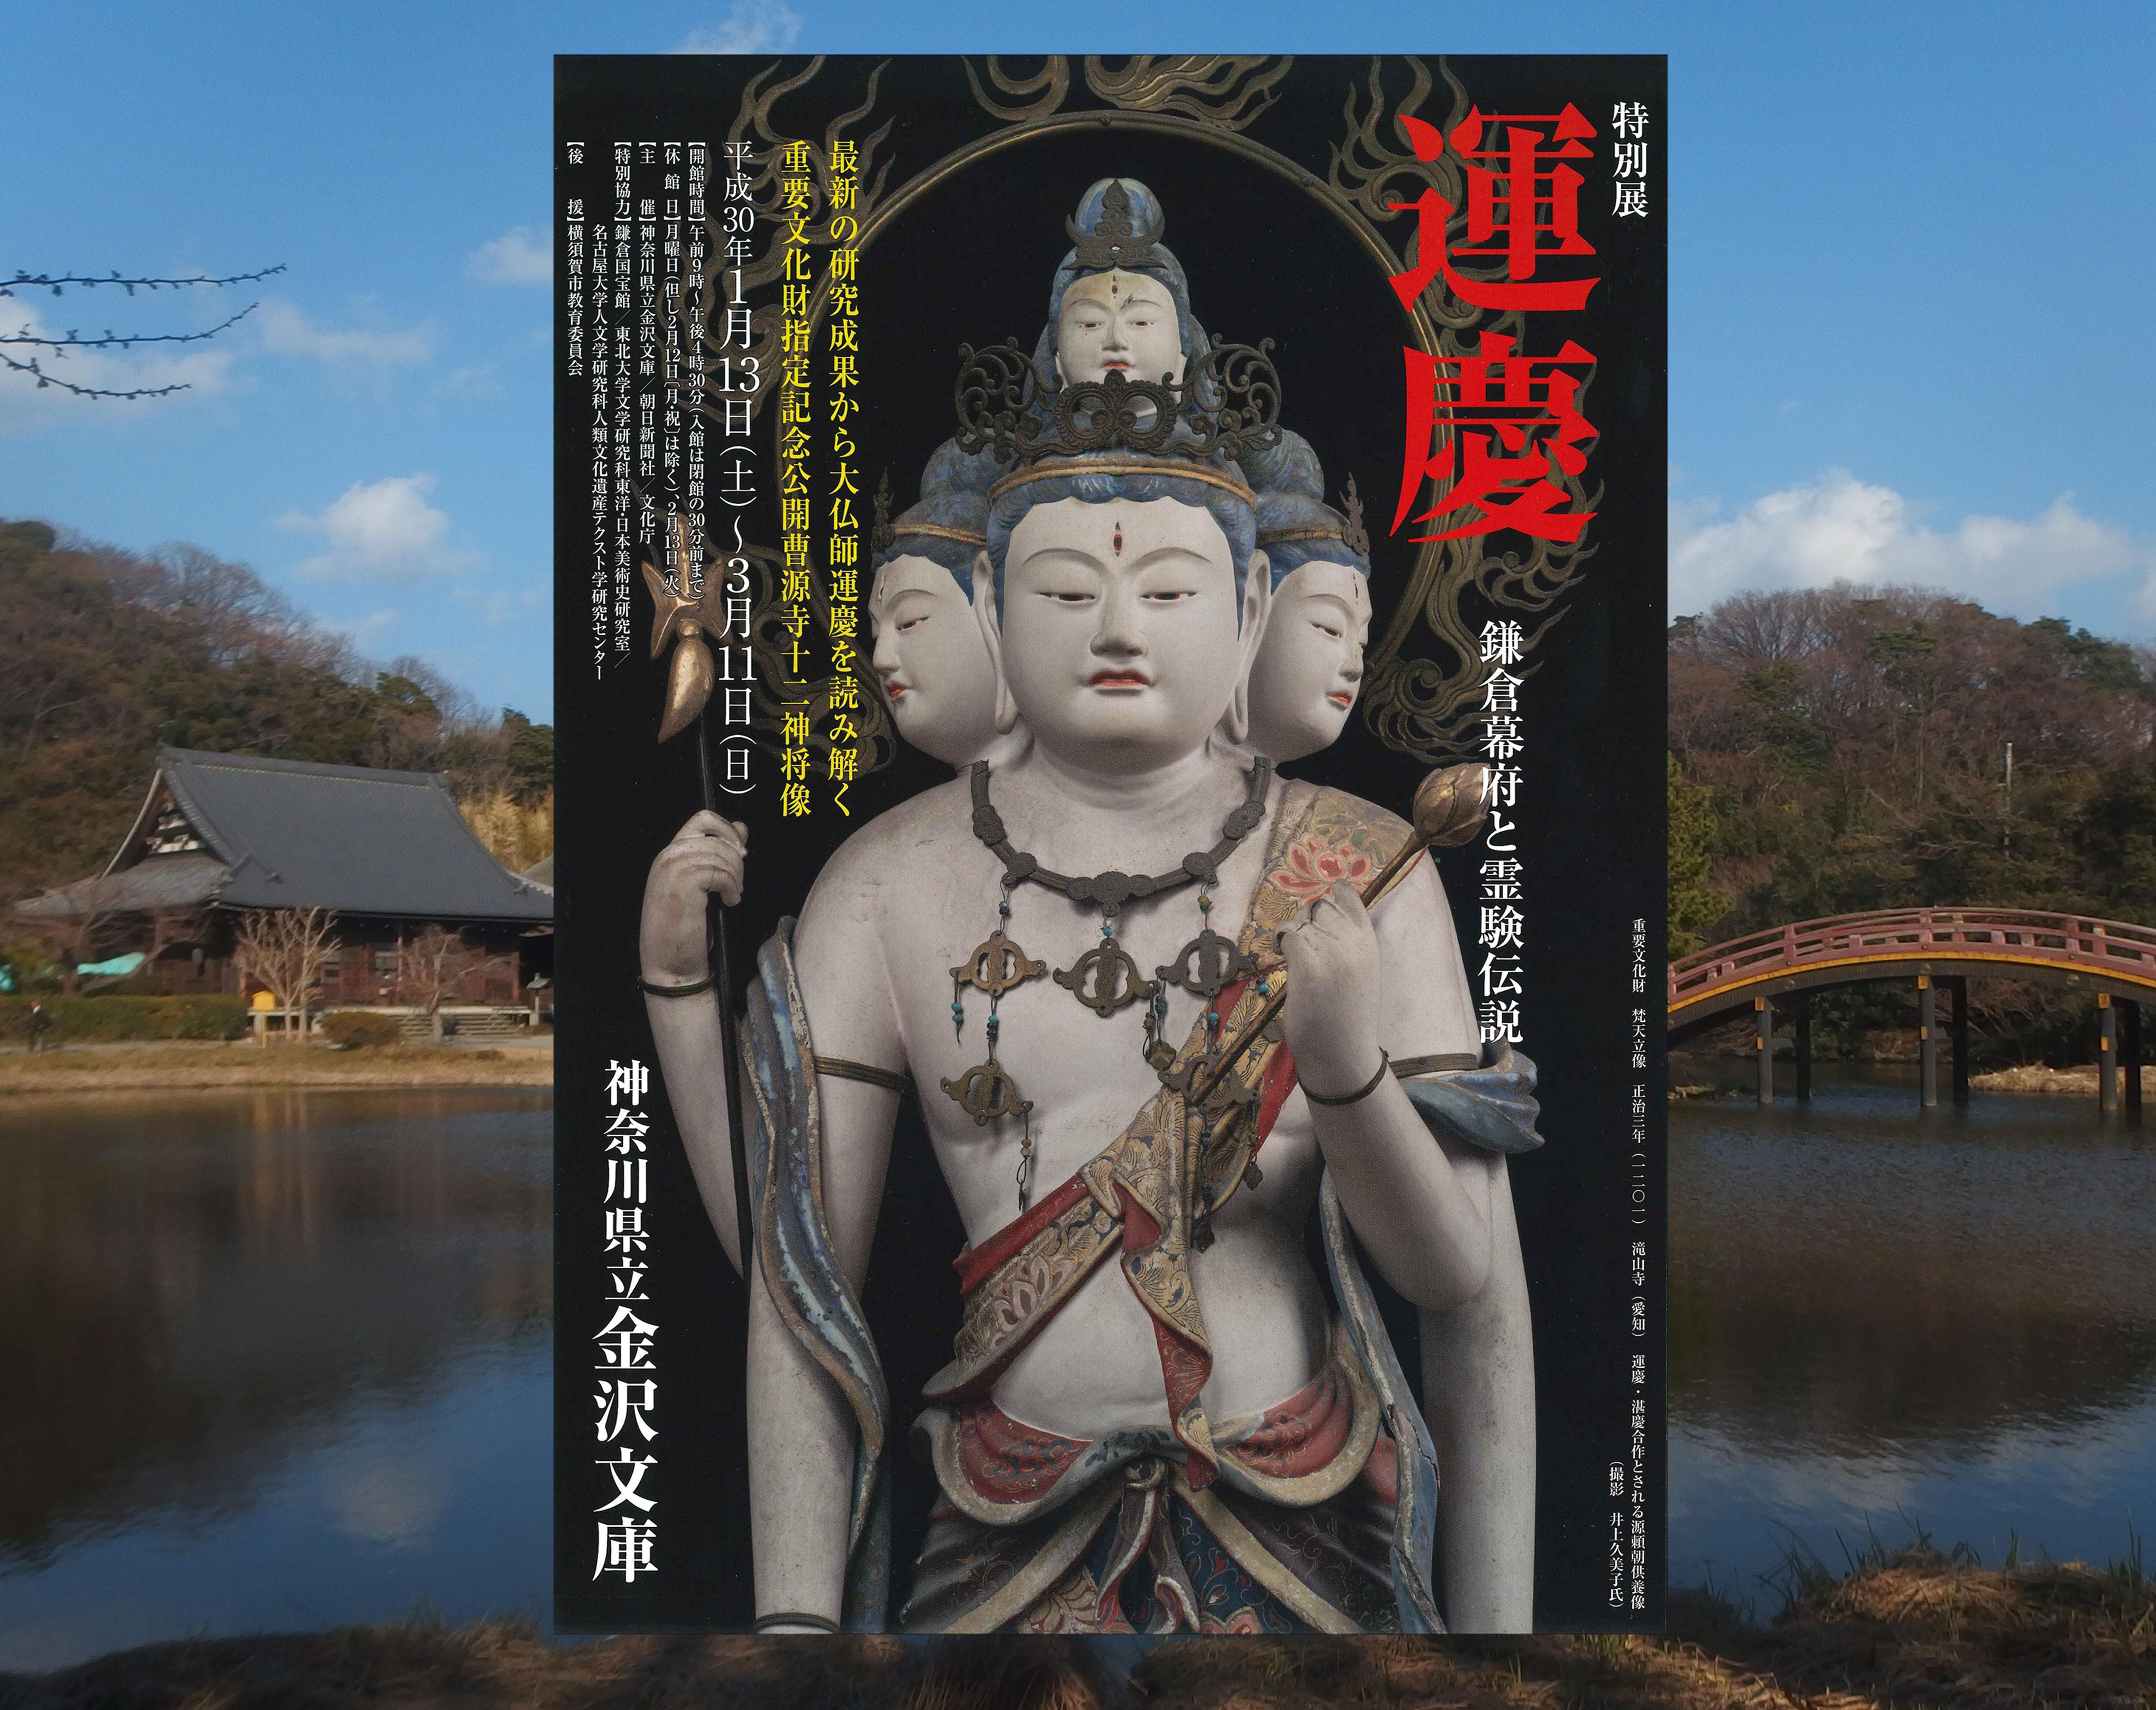 金沢文庫 運慶展 称名寺